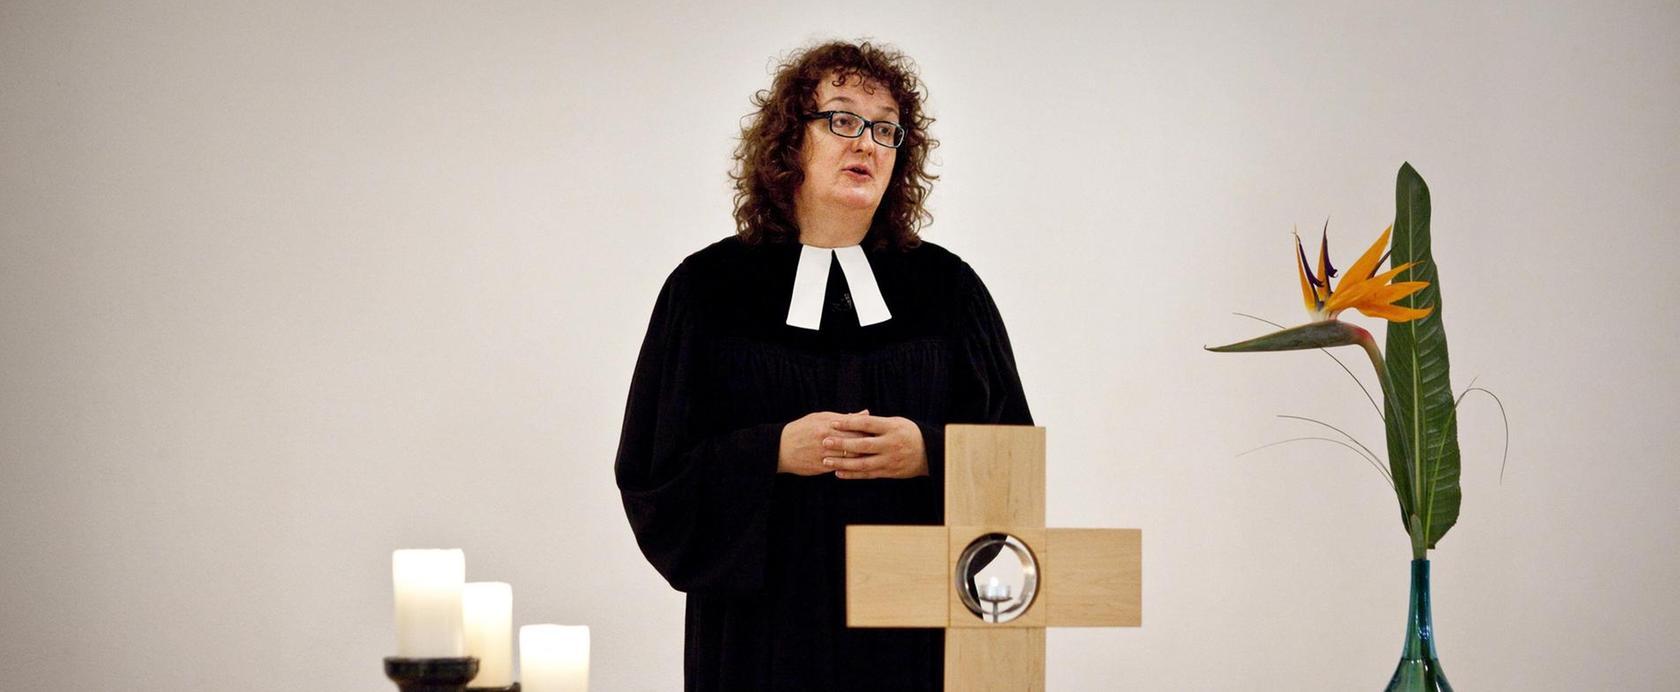 Pfarrerin Dorothea Zwölfer wird künftig die Pfarrstellen Mühlhausen und Weingartsgreuth betreuen.